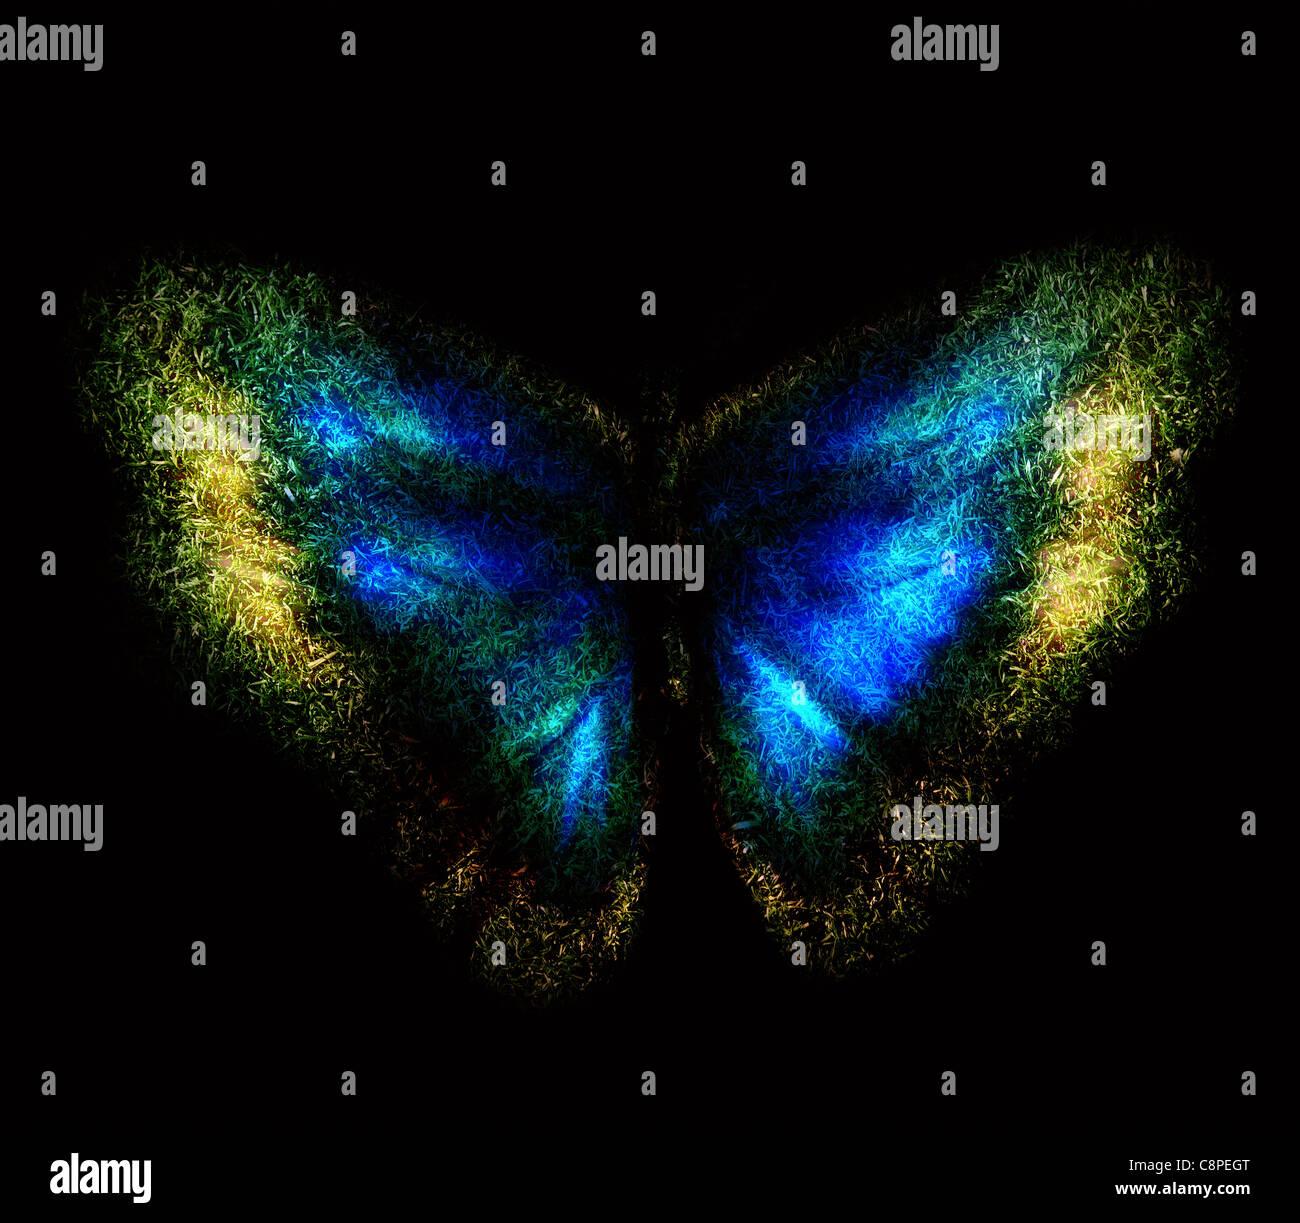 Blue Butterfly astratta su sfondo nero Immagini Stock